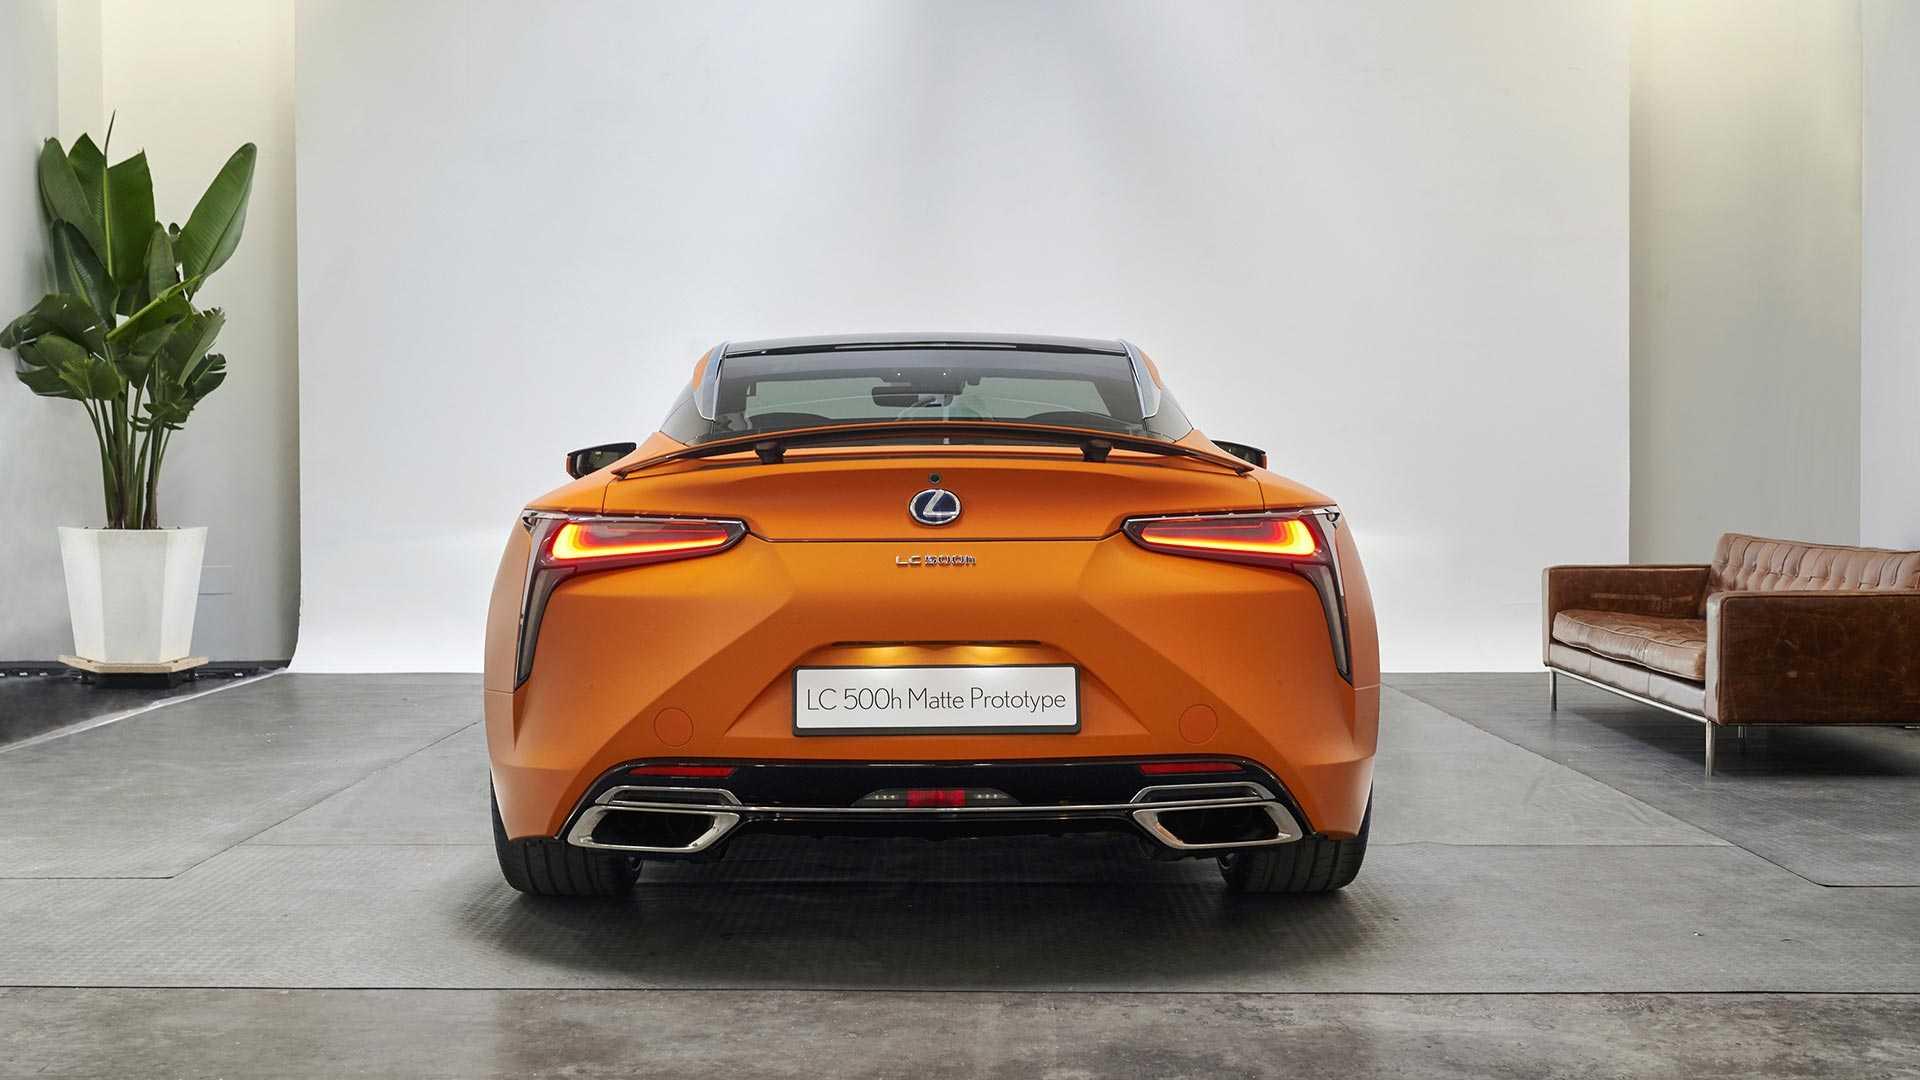 lexus-lc-500h-matte-prototype-space-orange-4